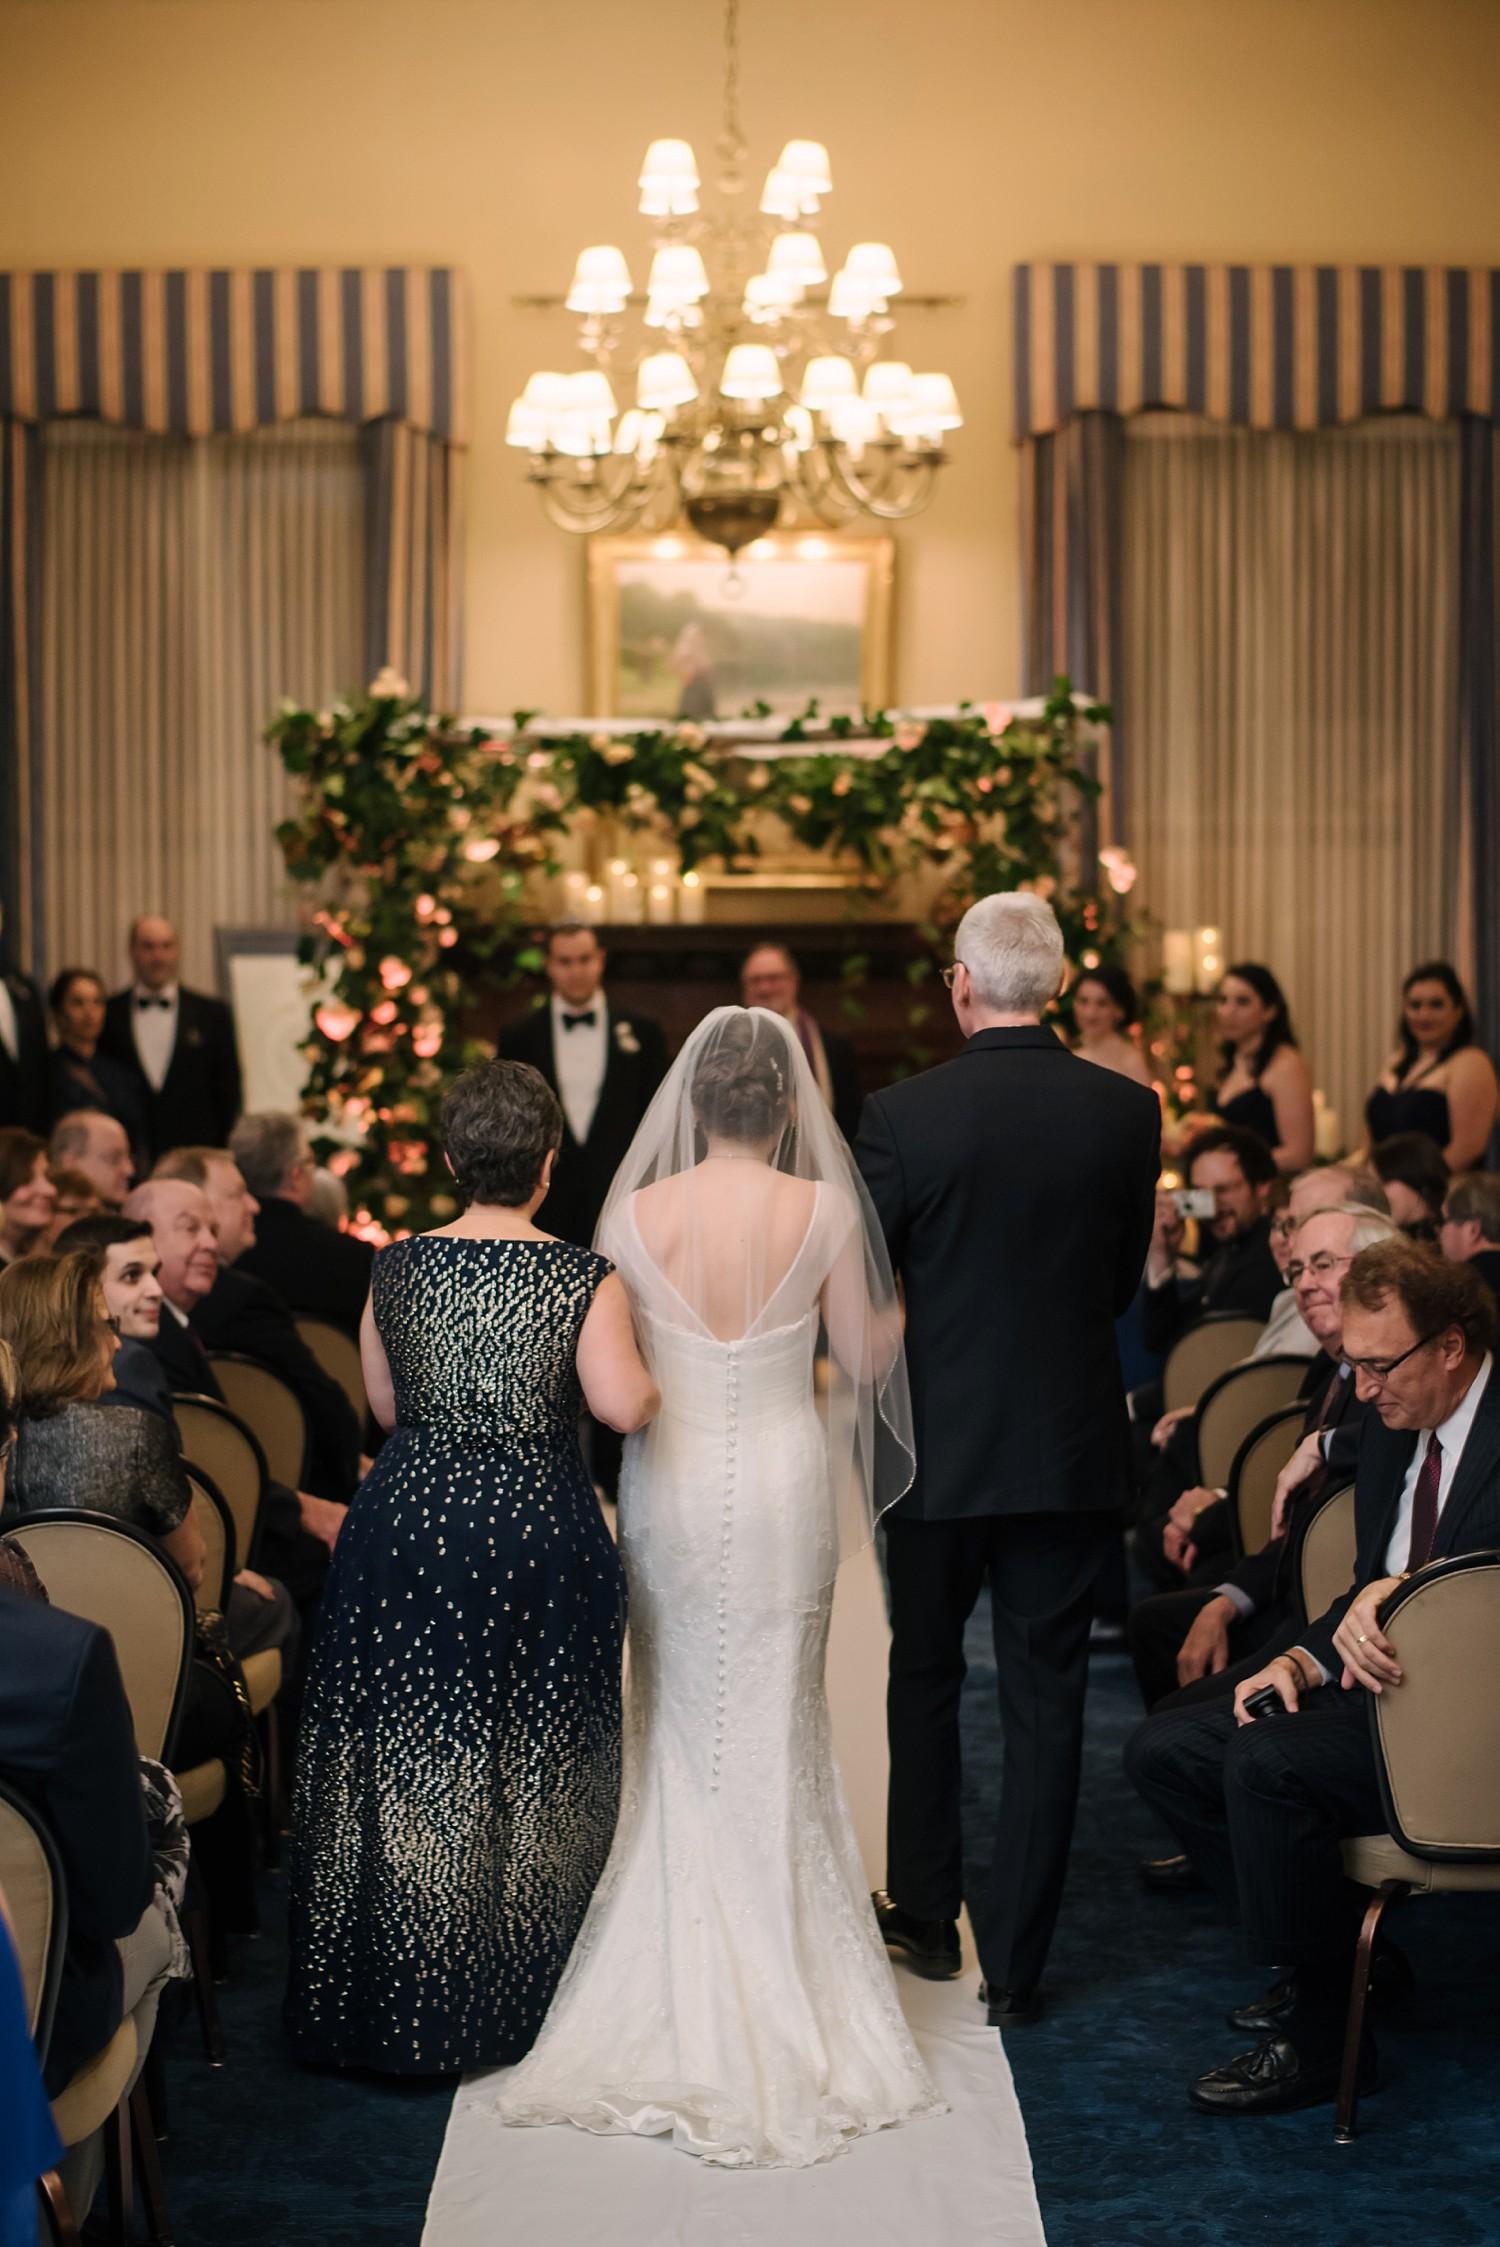 Union-club-cleveland-wedding025.jpg